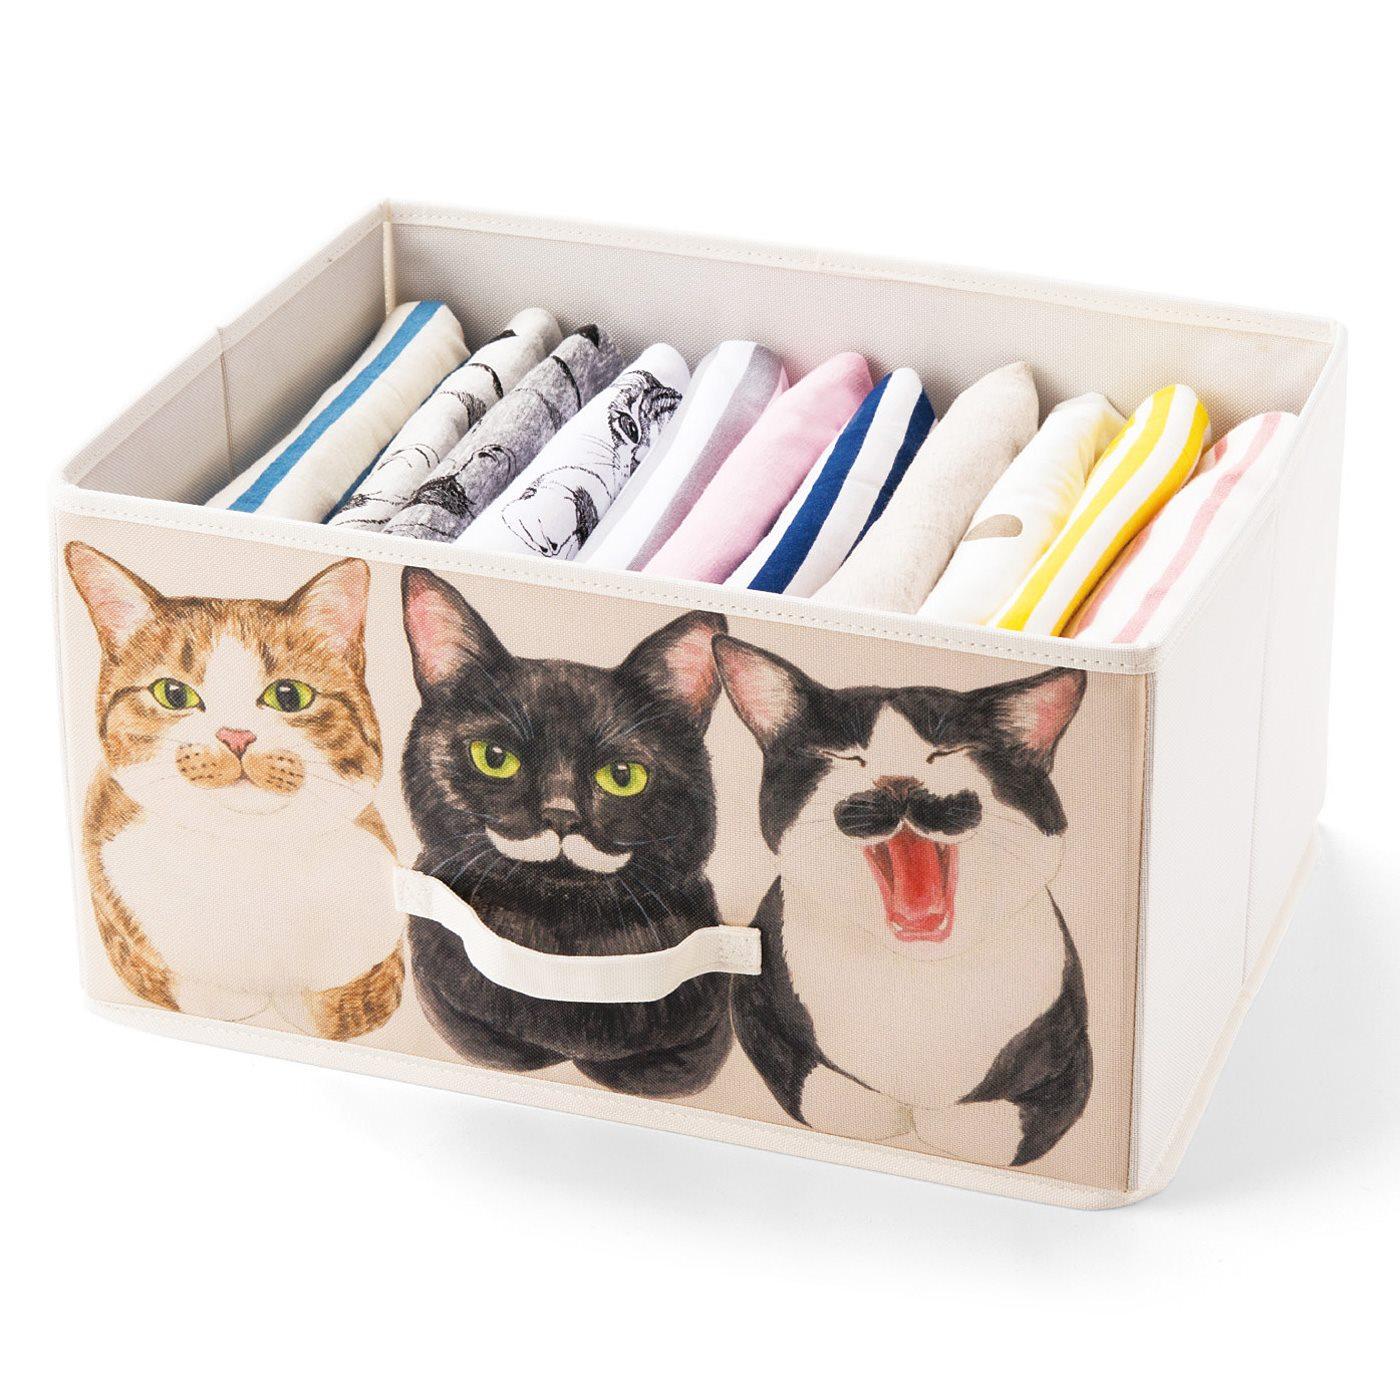 Tシャツやカットソーの収納に便利なサイズ。タオル類や生活用品のストックにも◎。